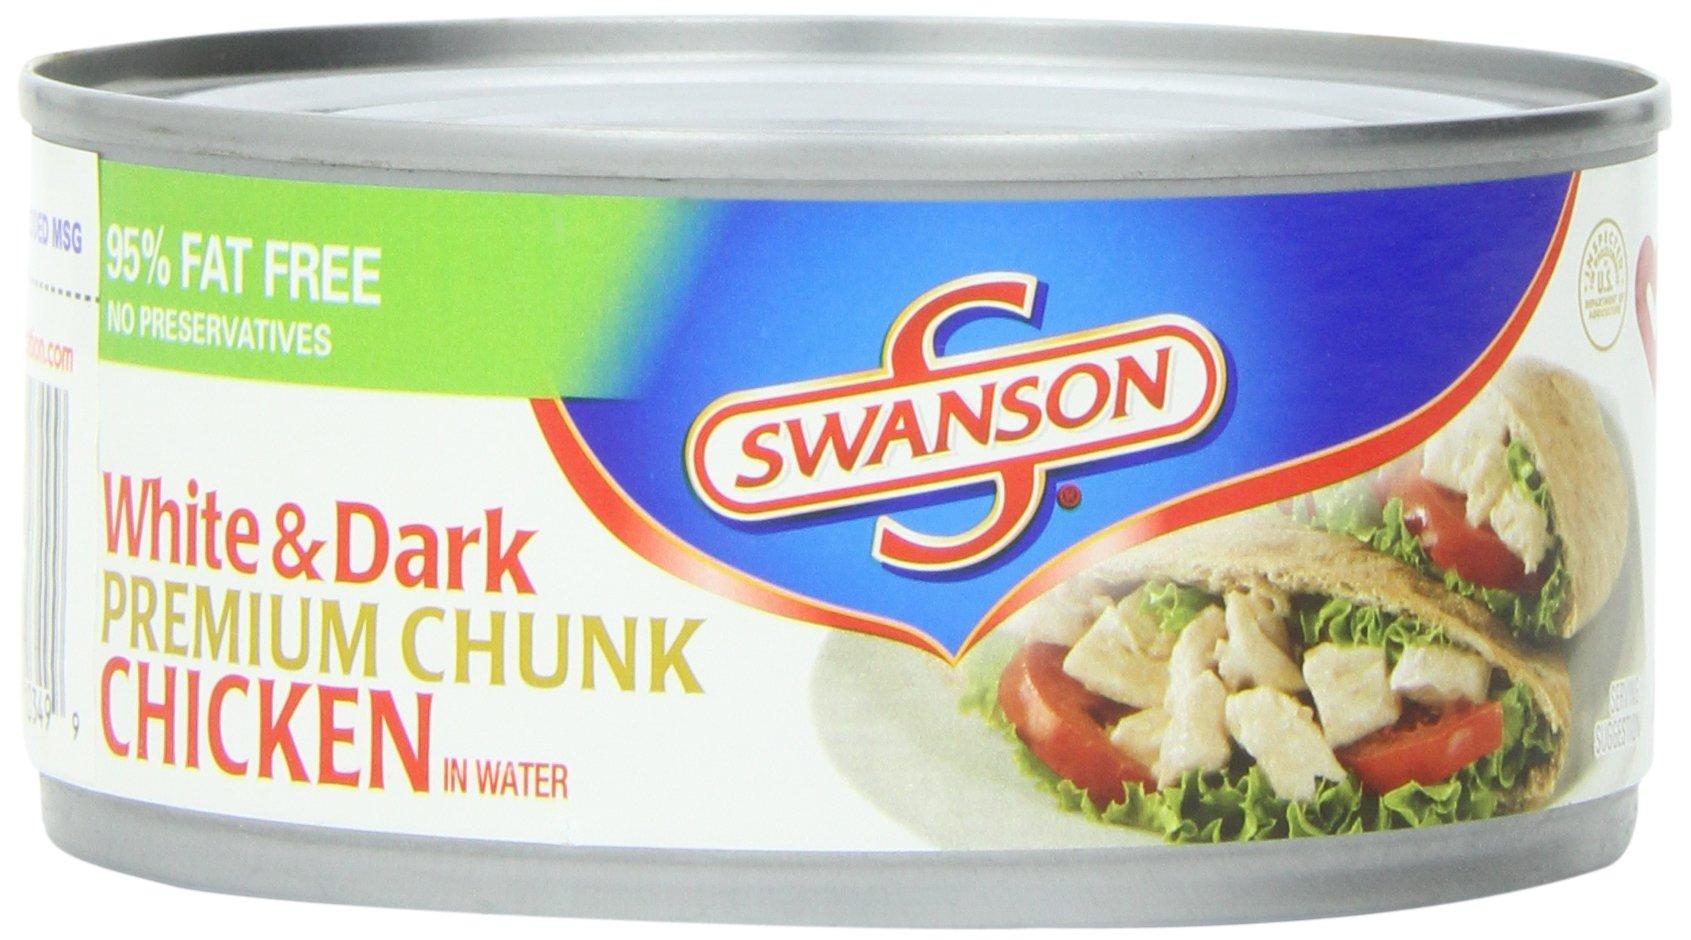 Swanson White & Dark Premium Chunk Chicken, 9.75 Ounce (Pack of 12)